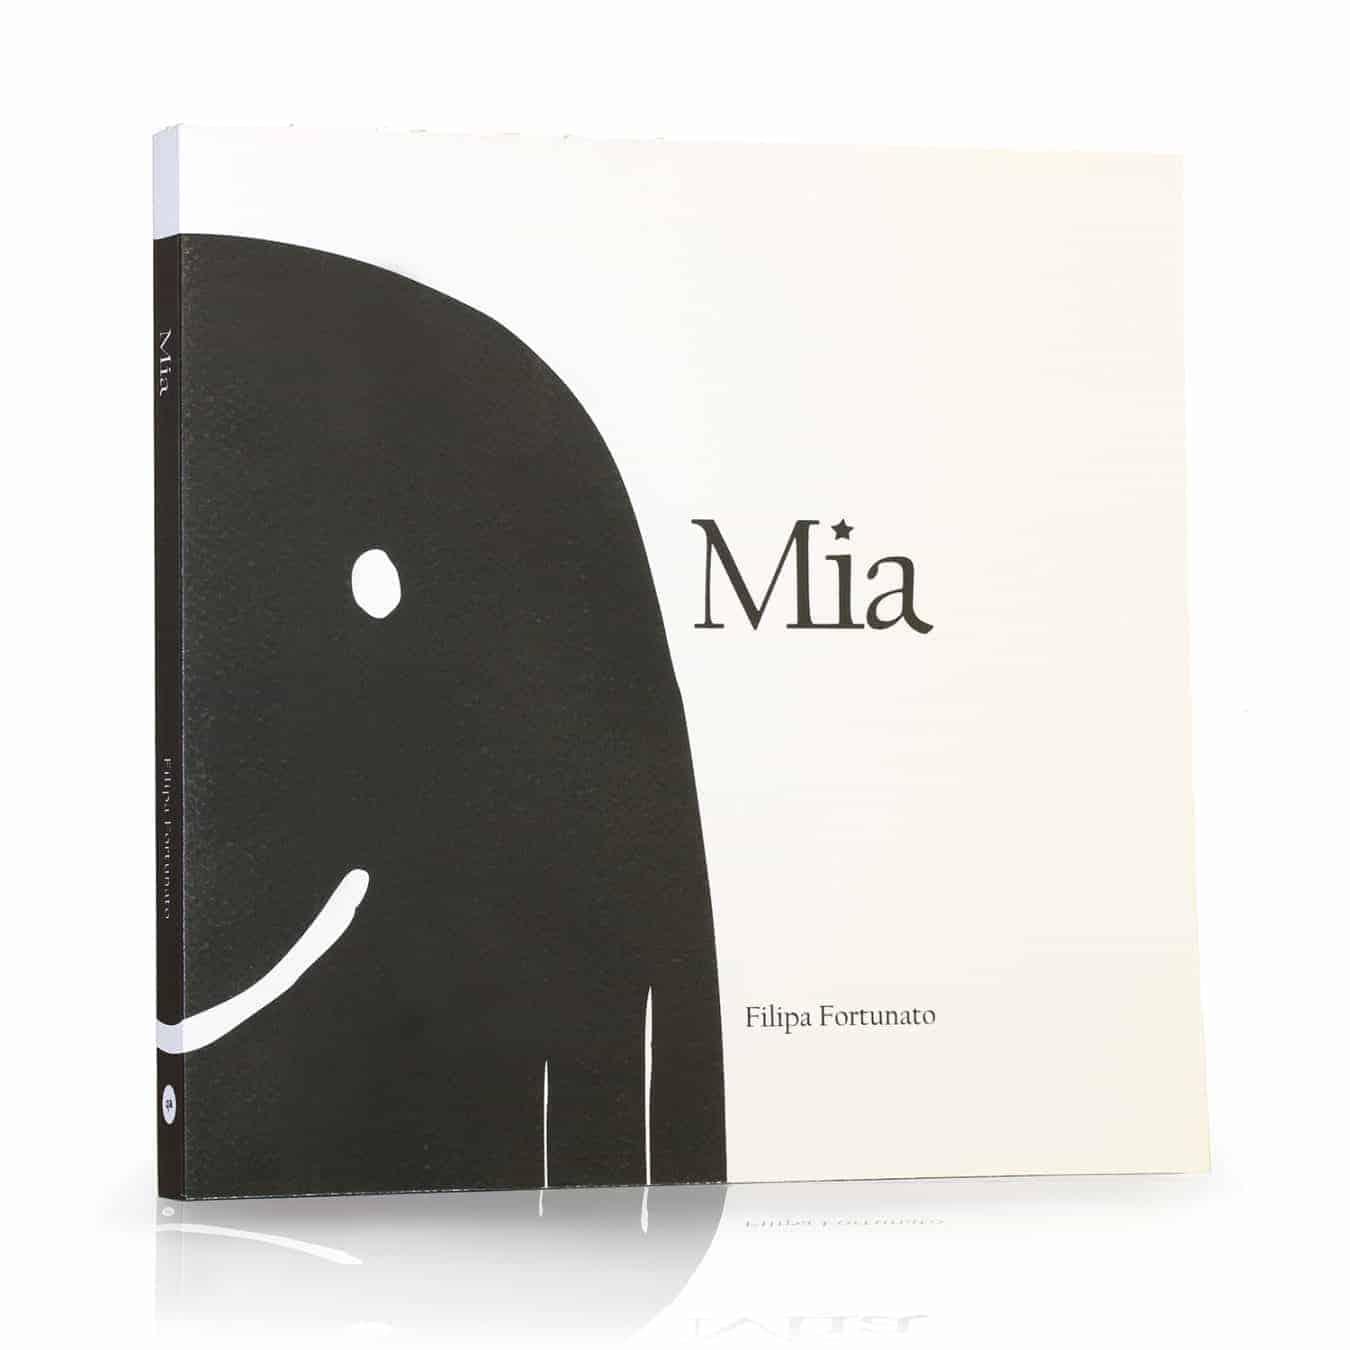 Mia Edição Artesanal - Capa